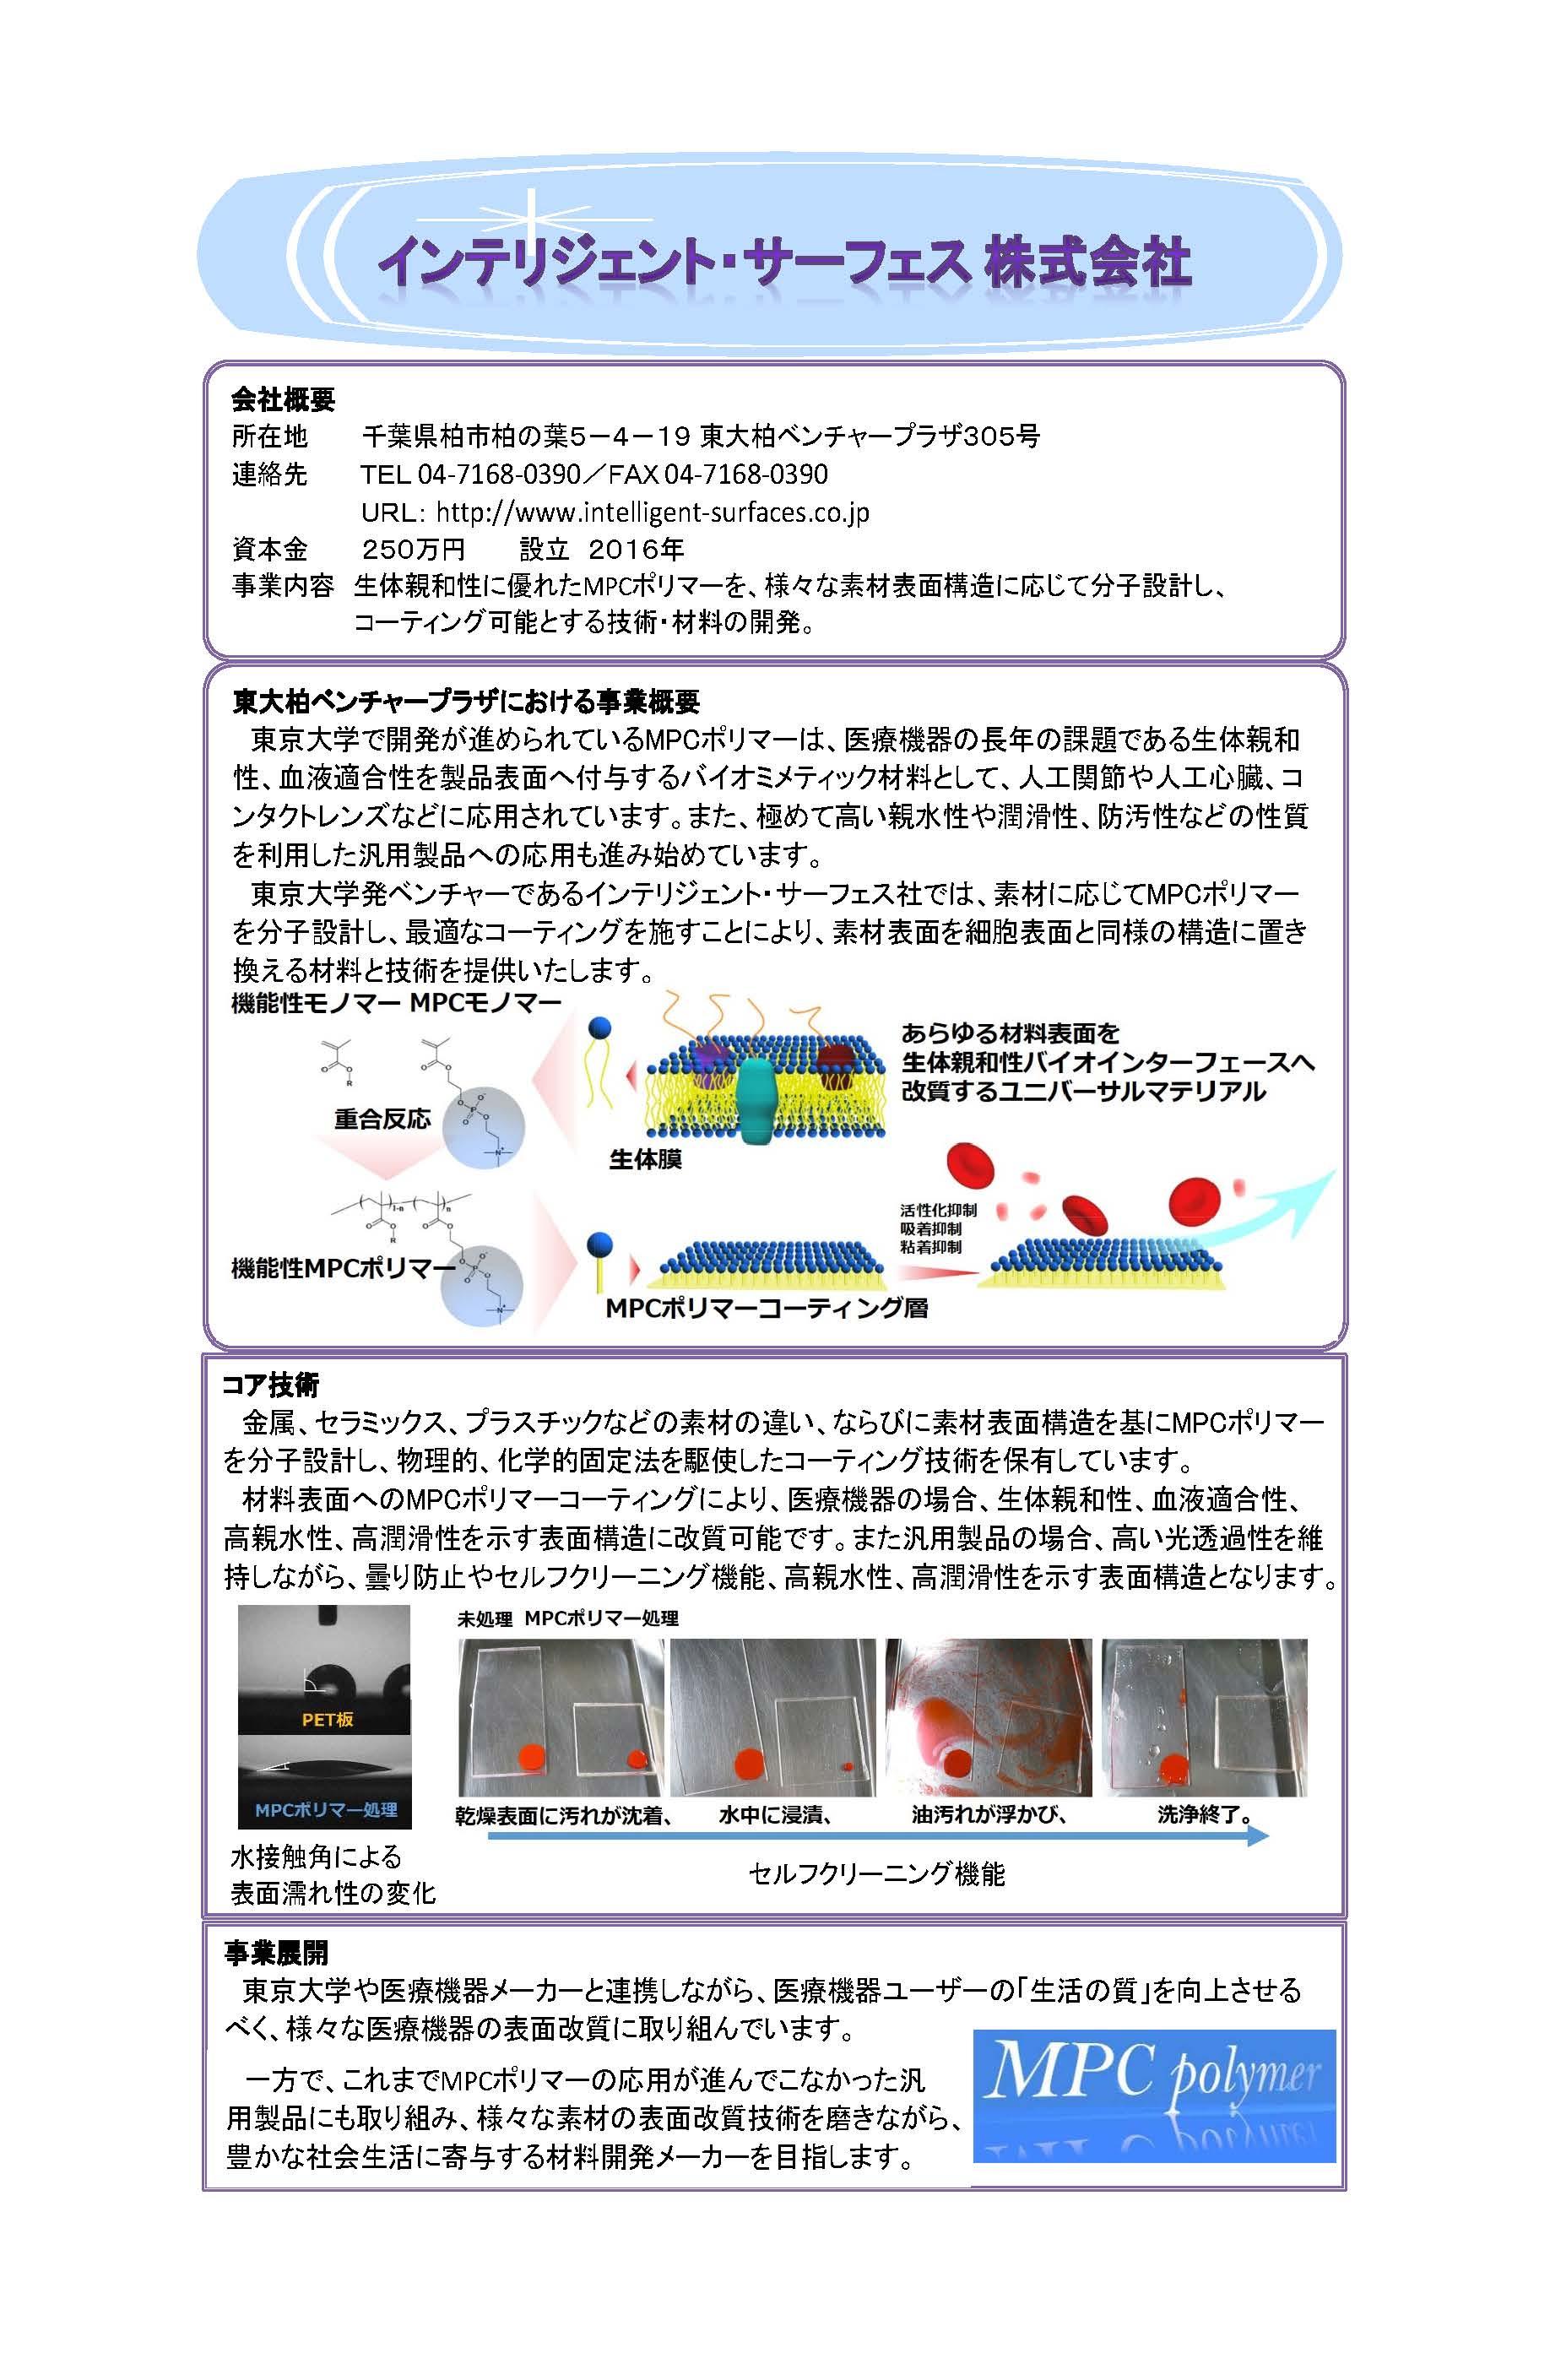 企業紹介_インテリジェント・サーフェス株式会社